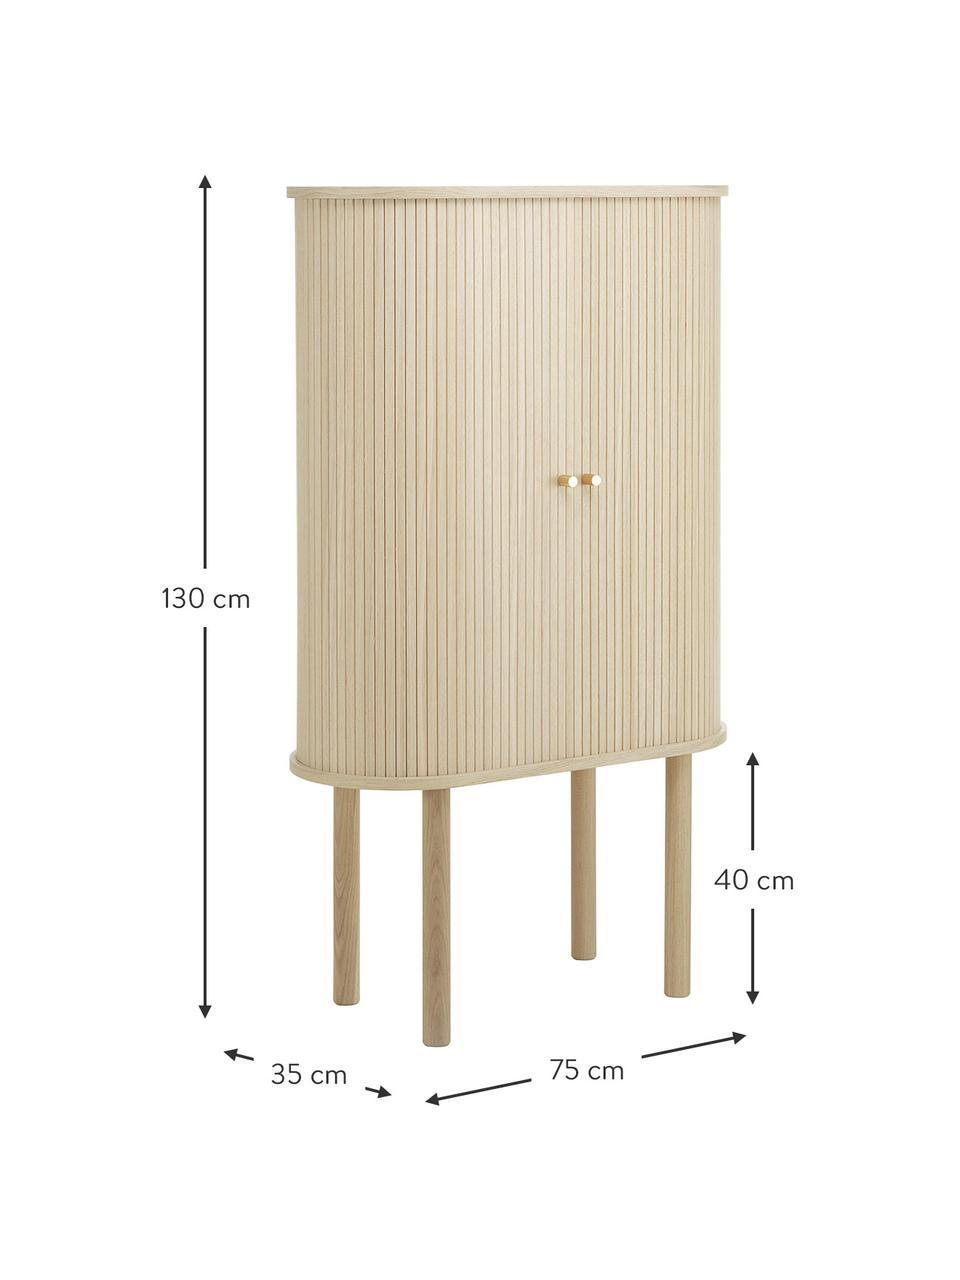 Rangement en bois clair avec portes coulissantes Calary, Bois clair